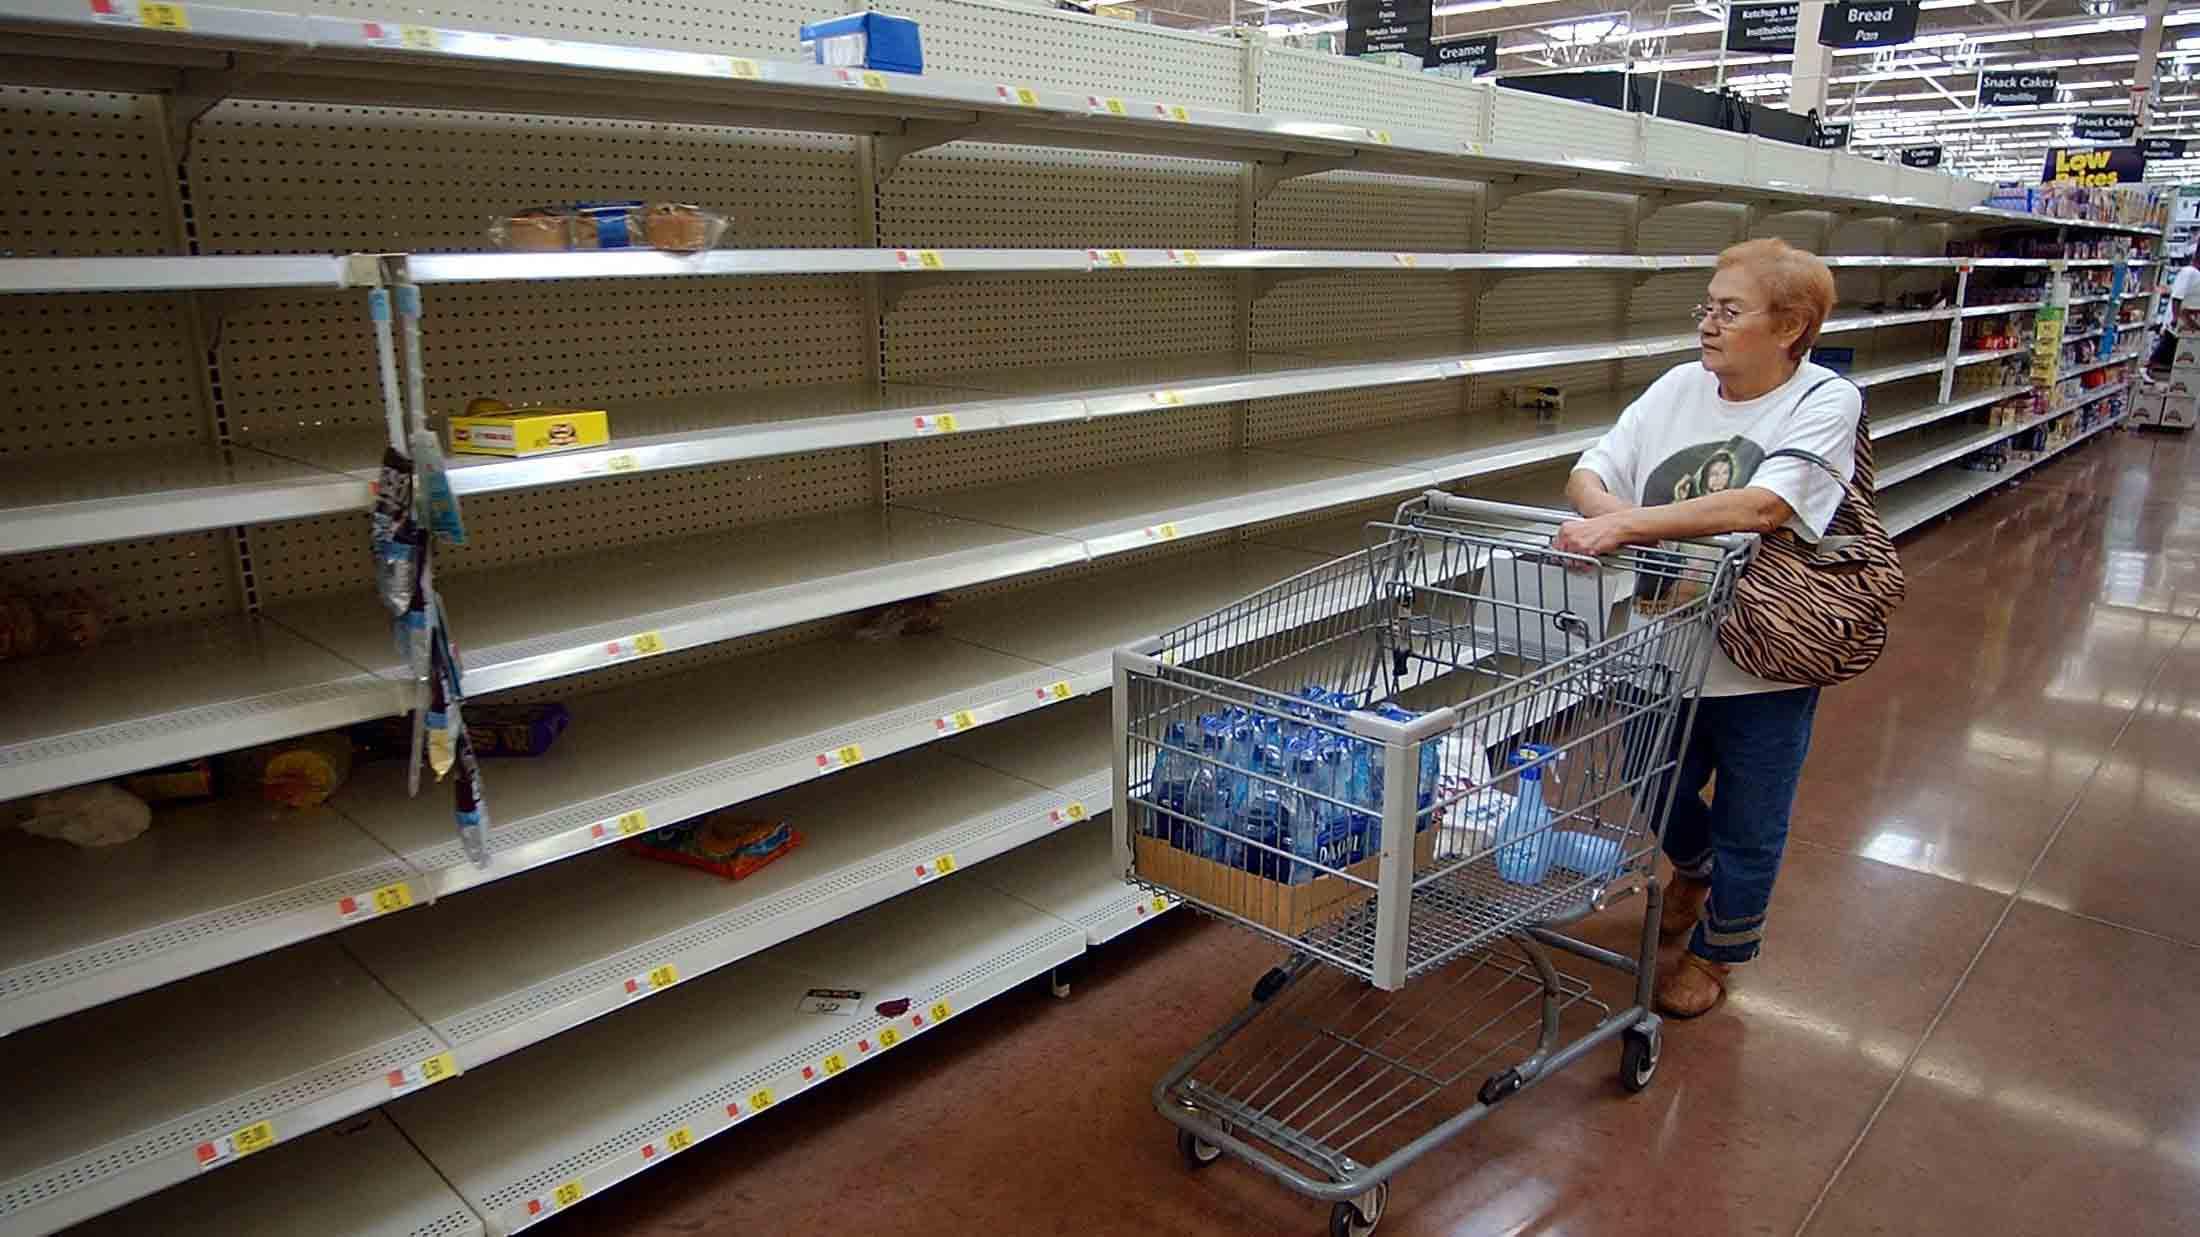 El presidente dela Asociación Nacional de Supermercados llamó a los venezolanos a ser pacientes mientras se normaliza el sistema